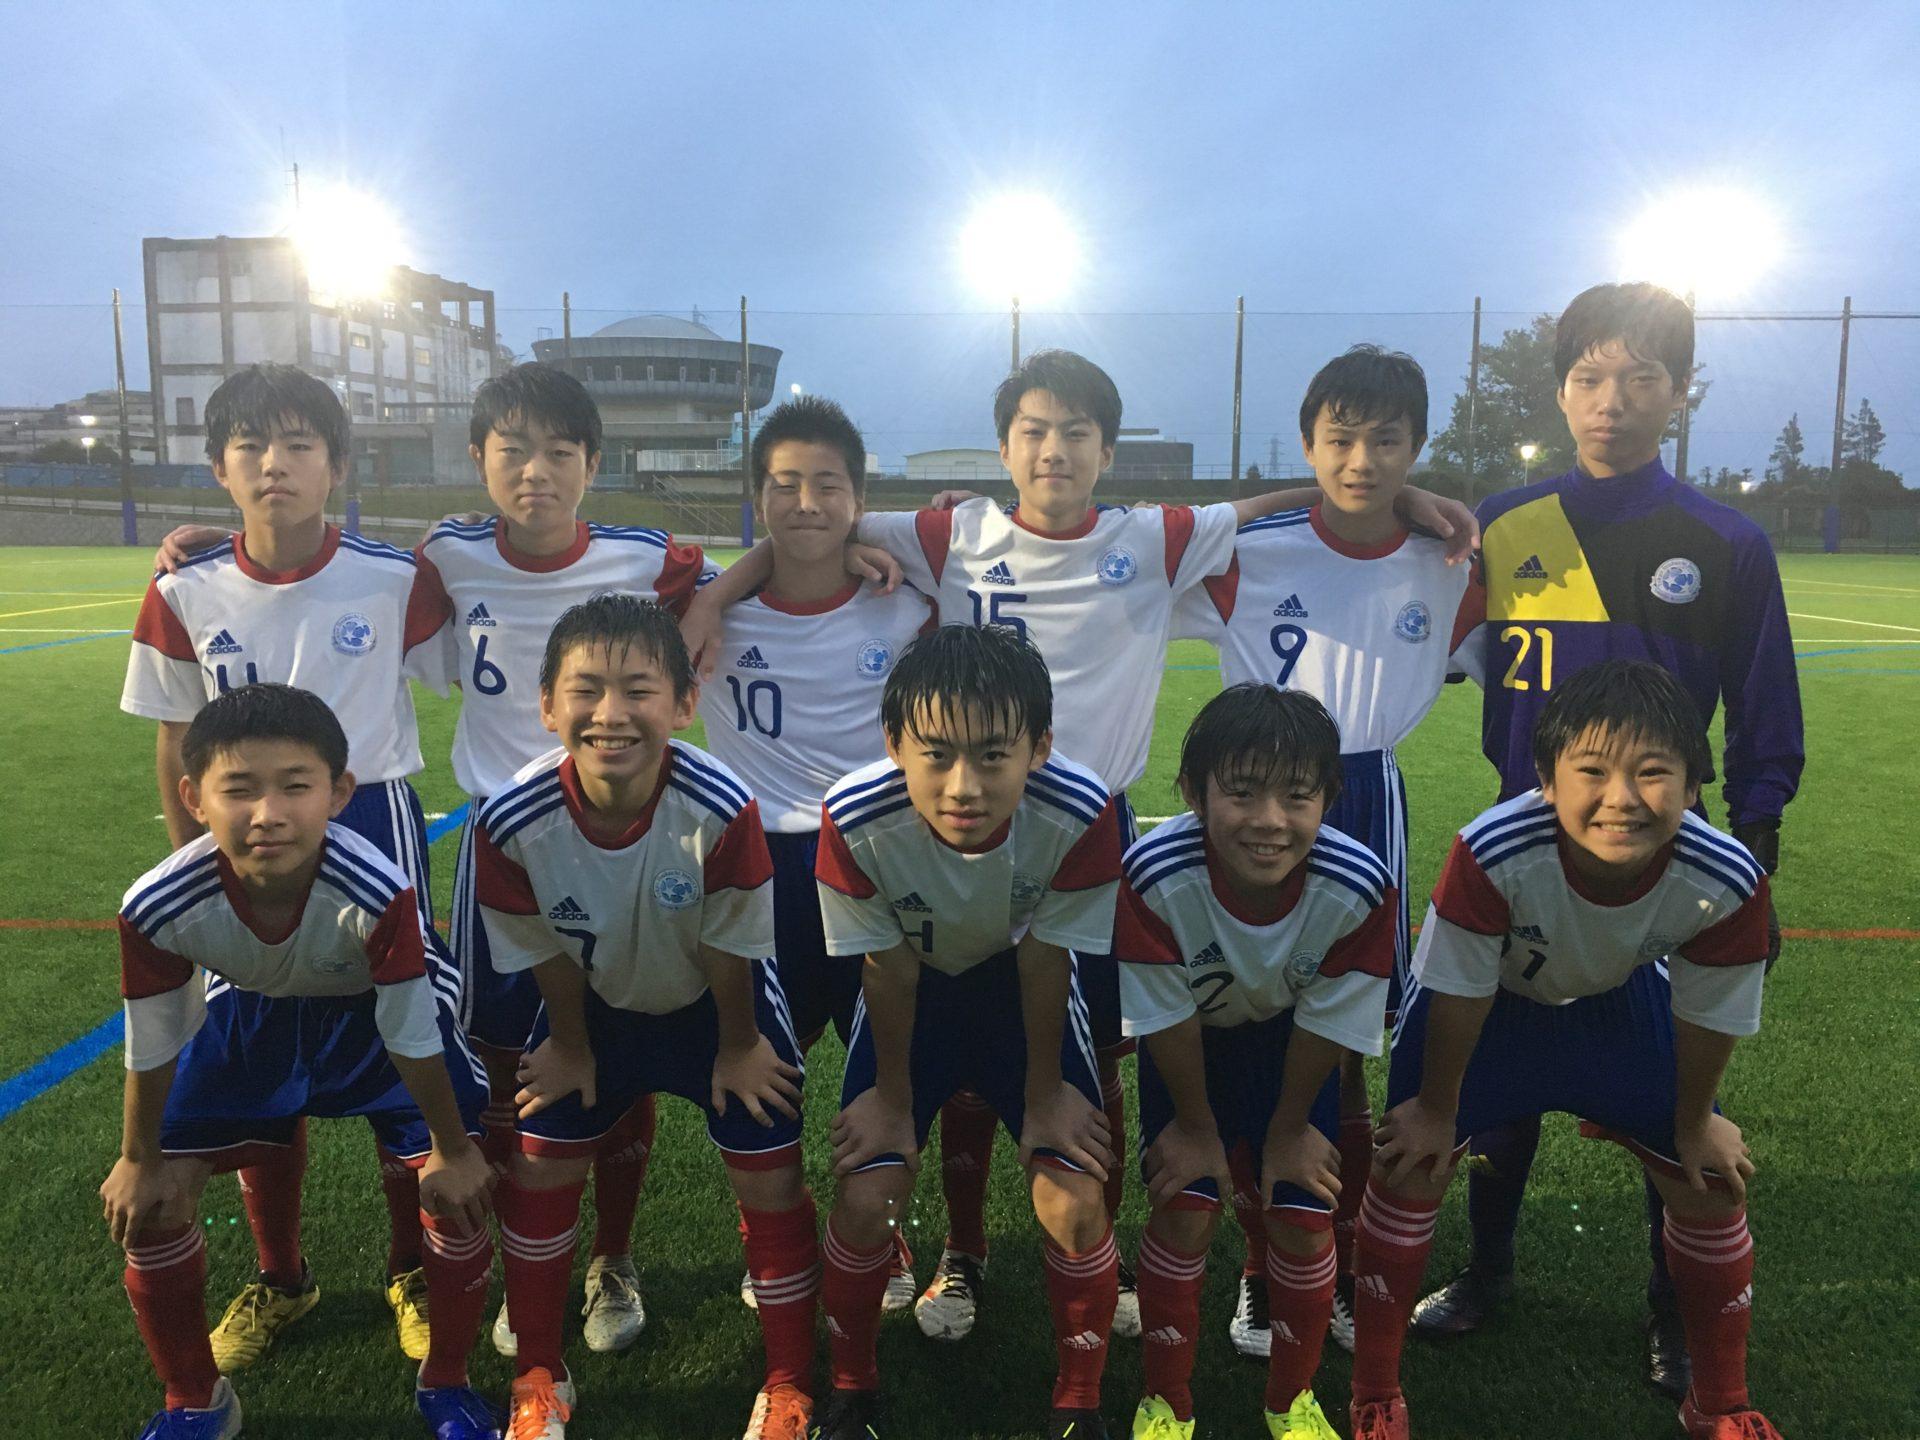 ①②クラブユース選手権U-14 vs プロメテウス